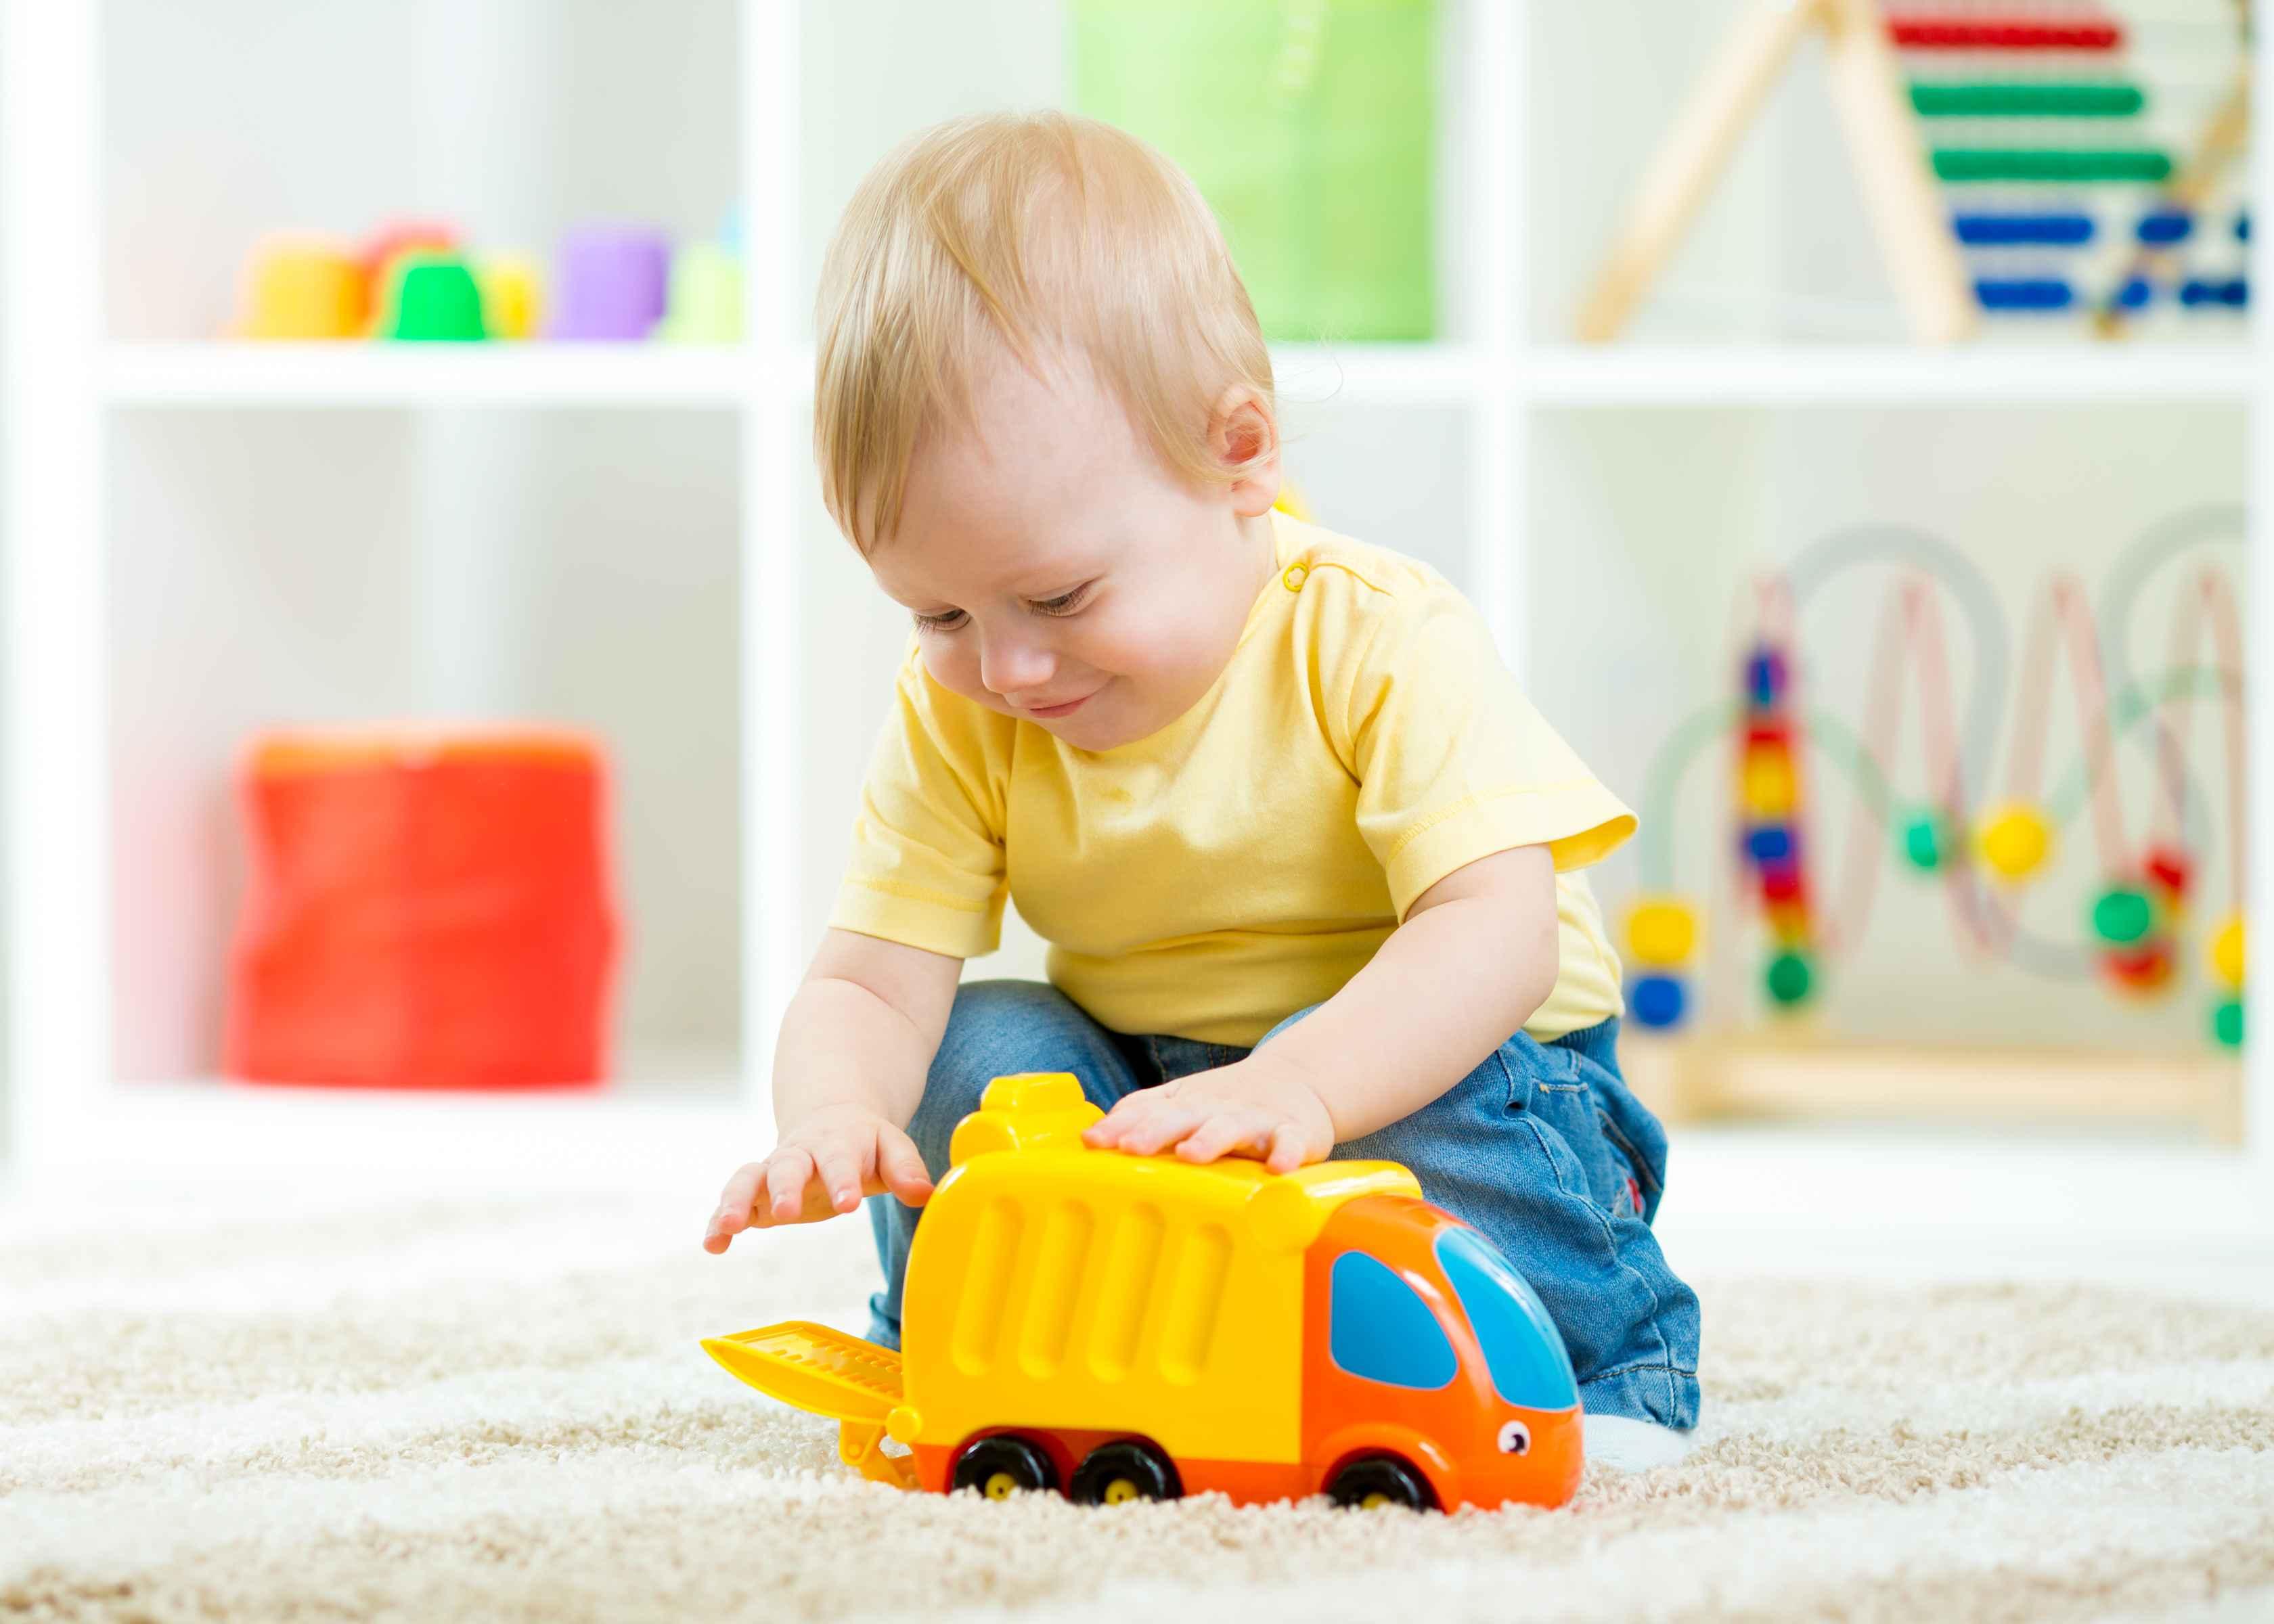 耽误0-3岁宝宝智力发育的6件事,很多父母天天在做!